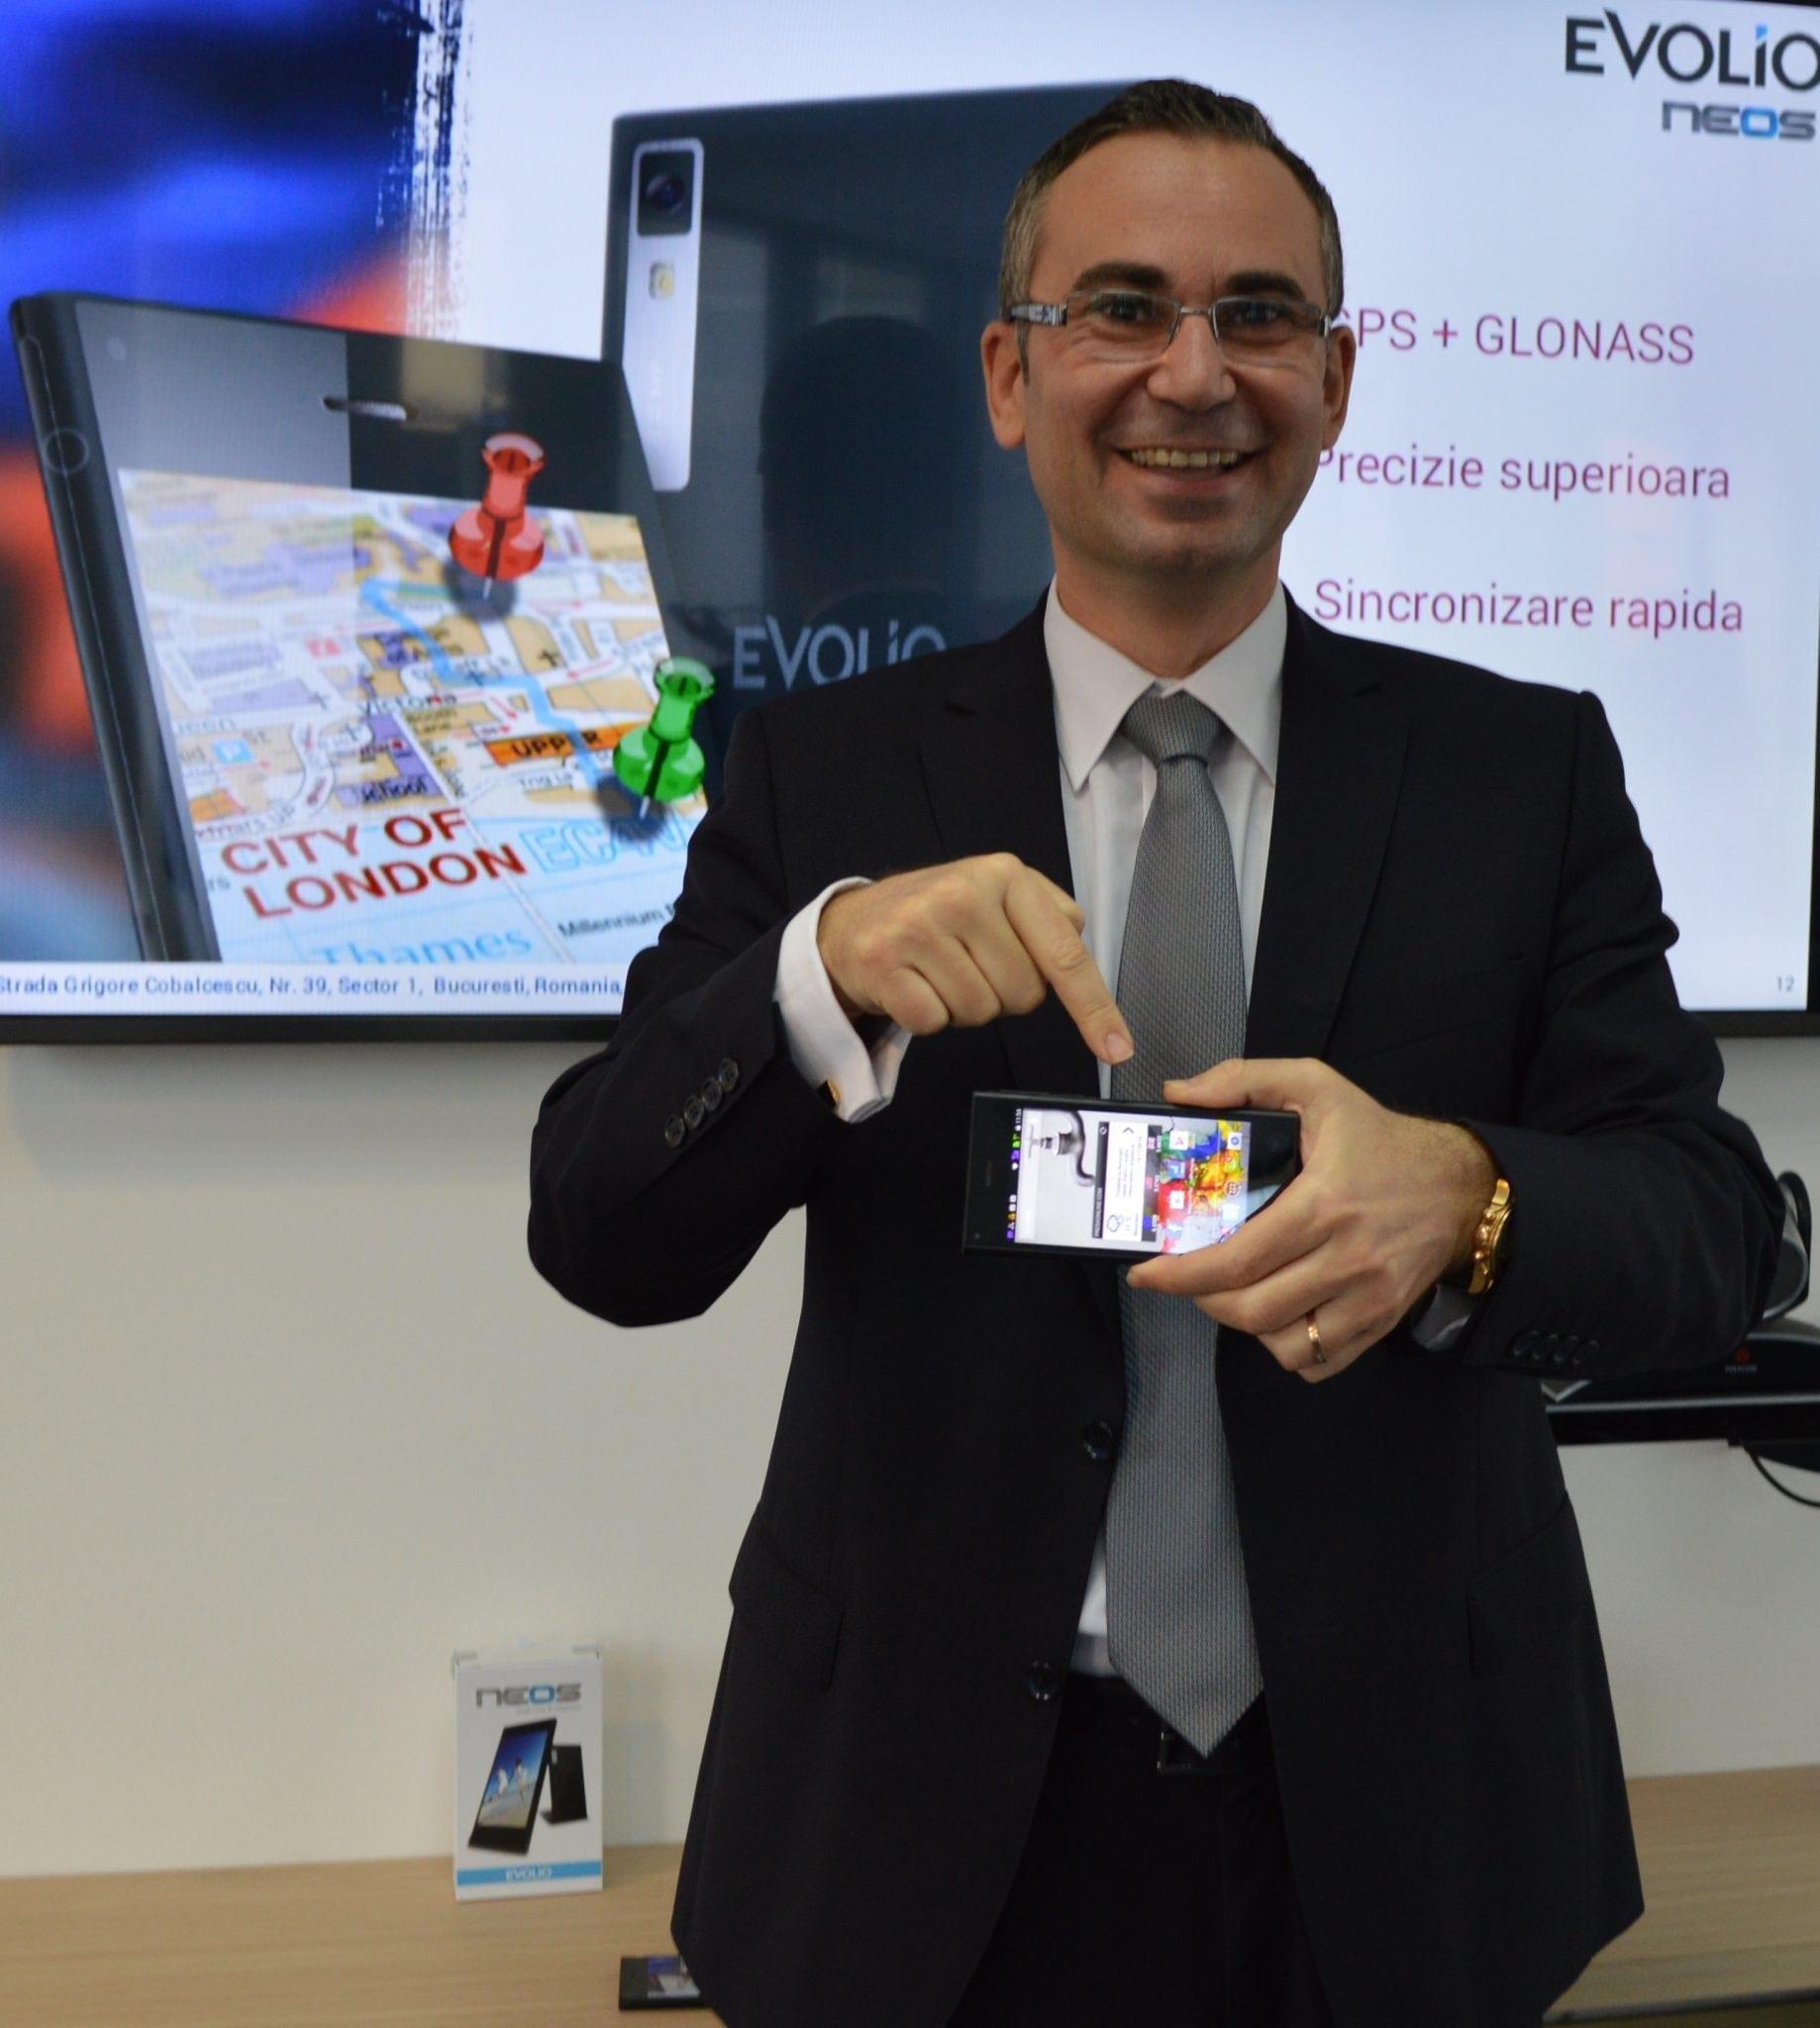 Evolio pregătește lansarea unui smartwatch. Interviu cu Liviu Nistoran, Director General al Televoice Group